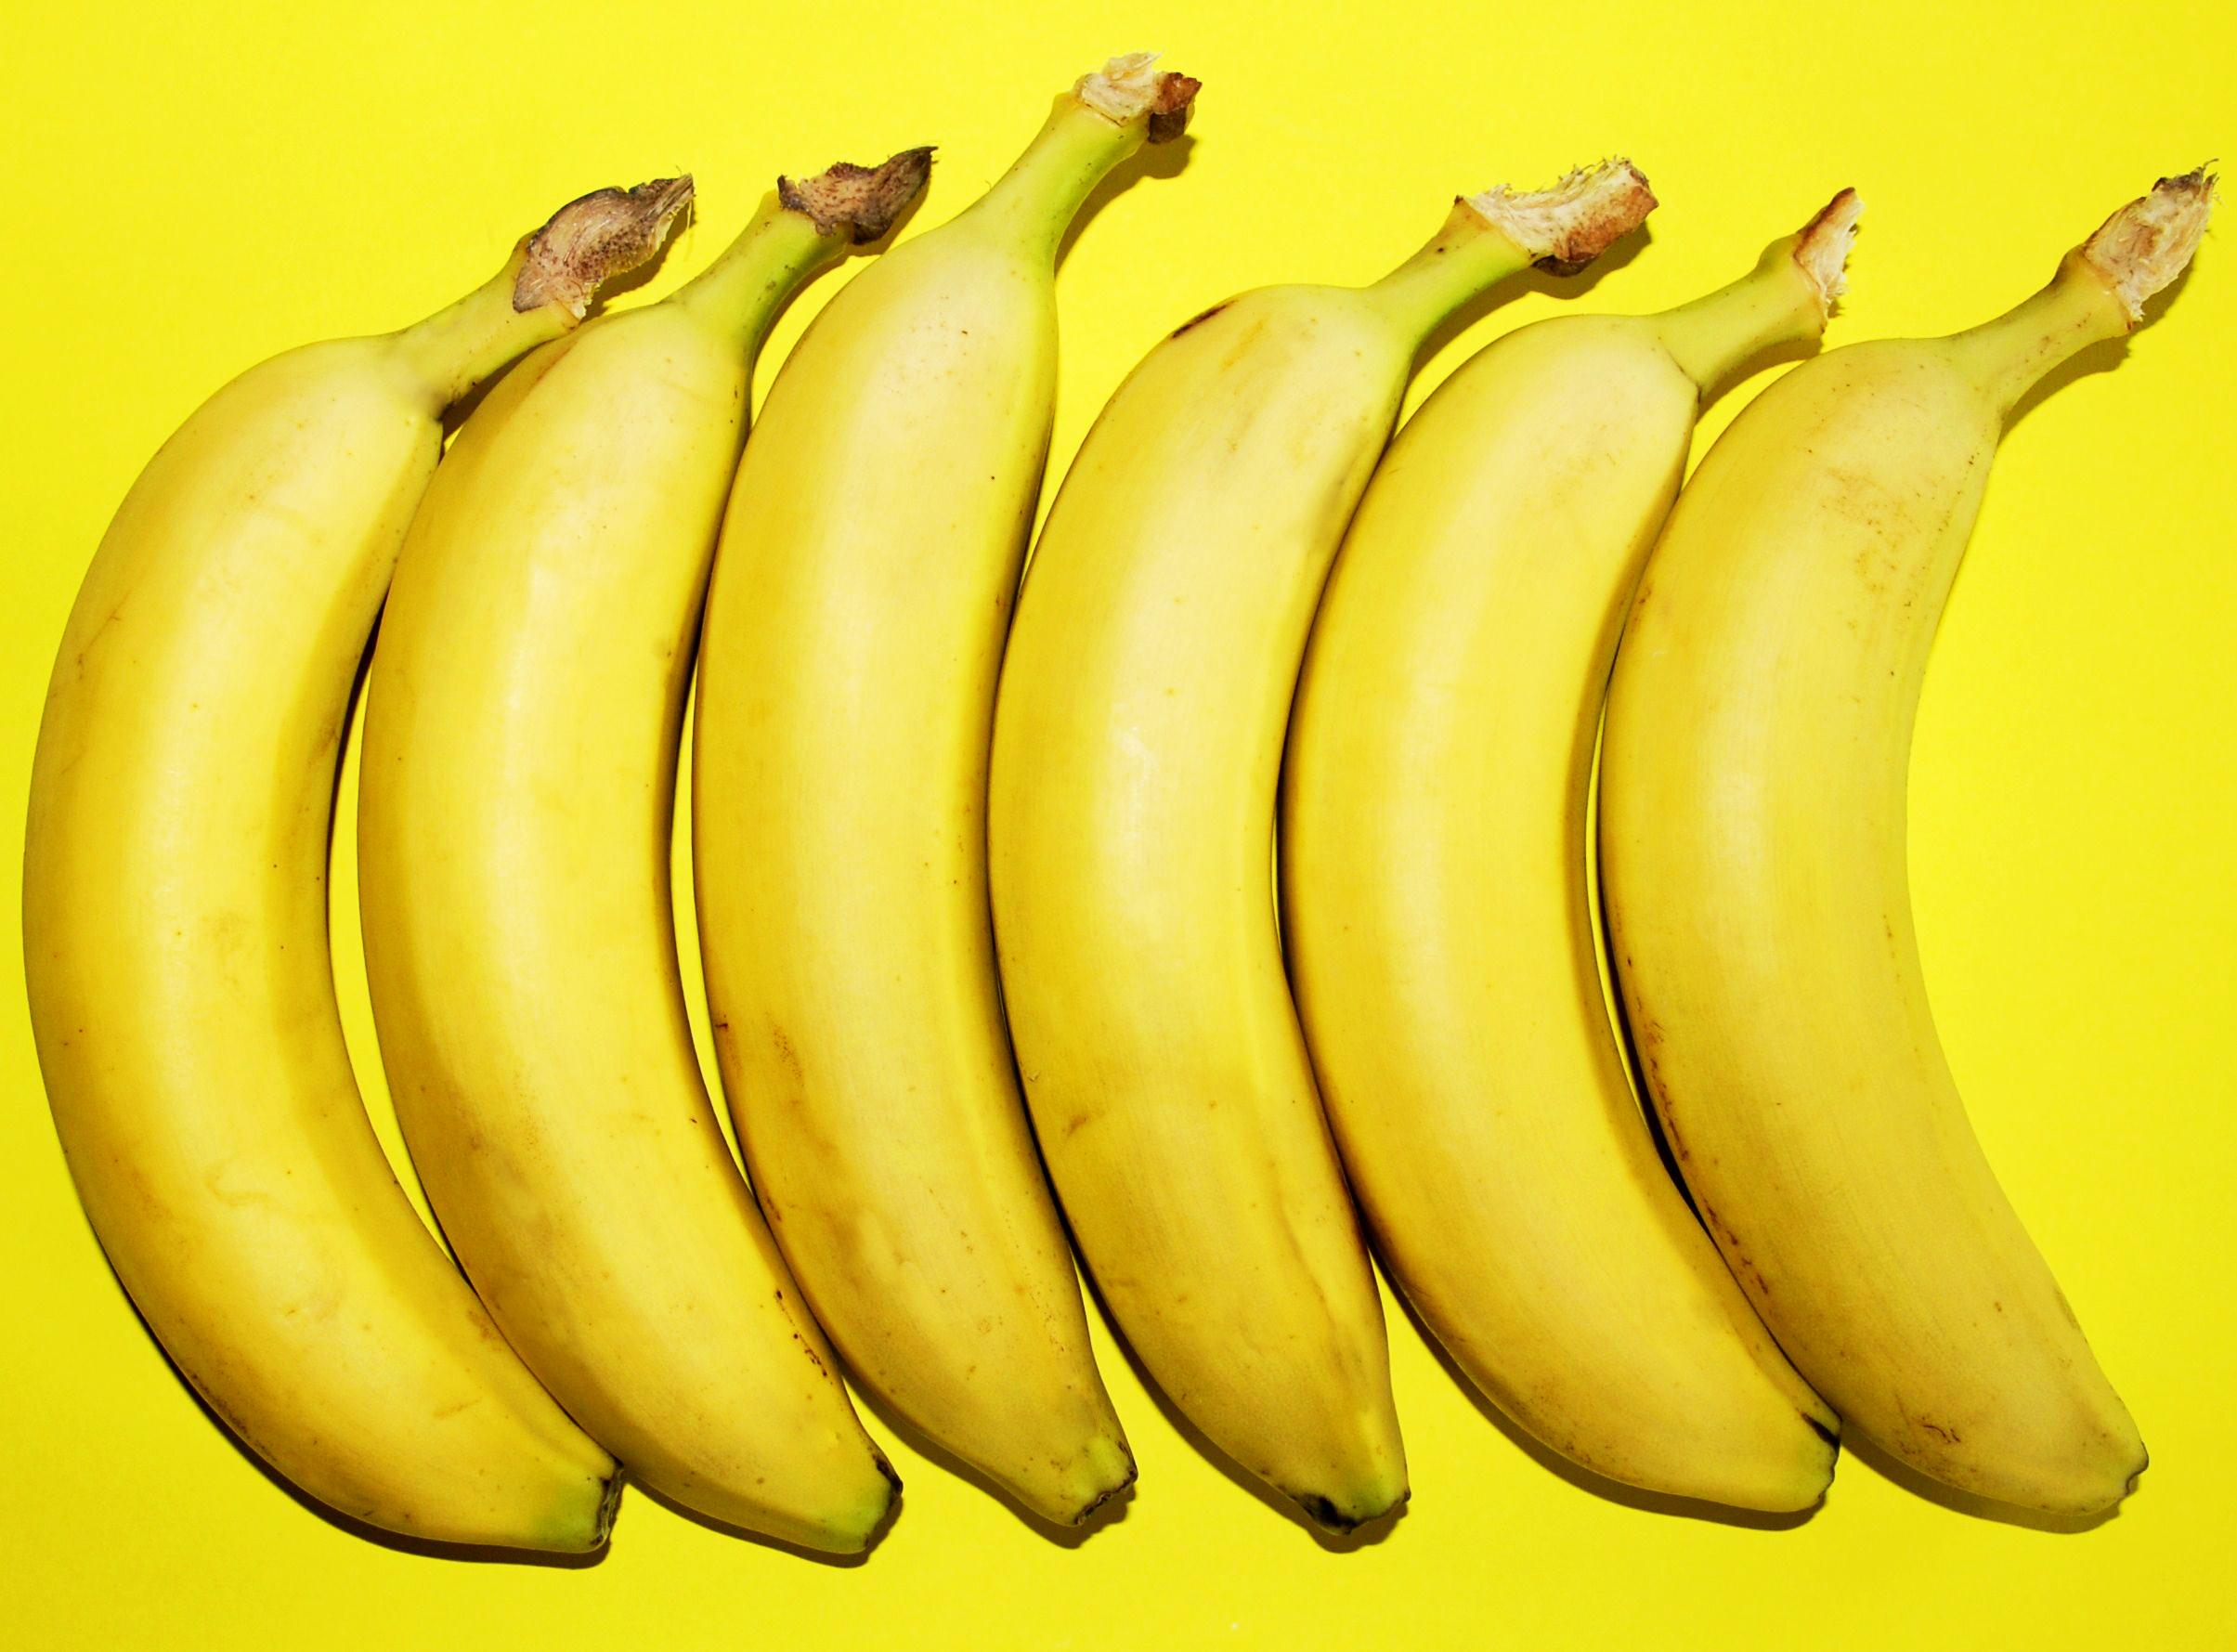 Bananas on yellow